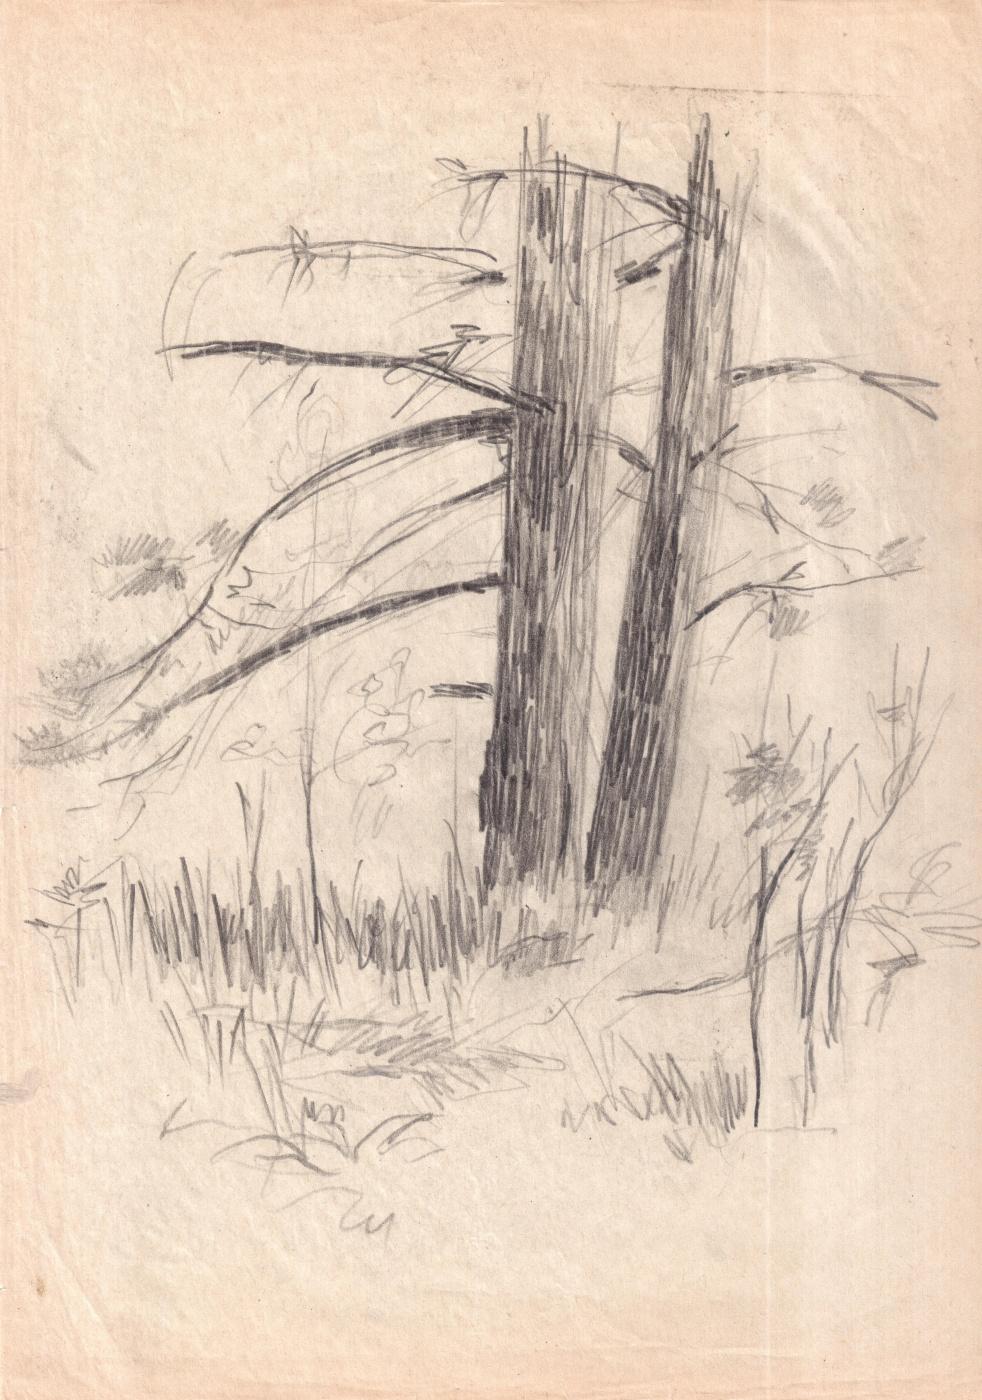 Arkady Pavlovich Laptev. Sketch of trees